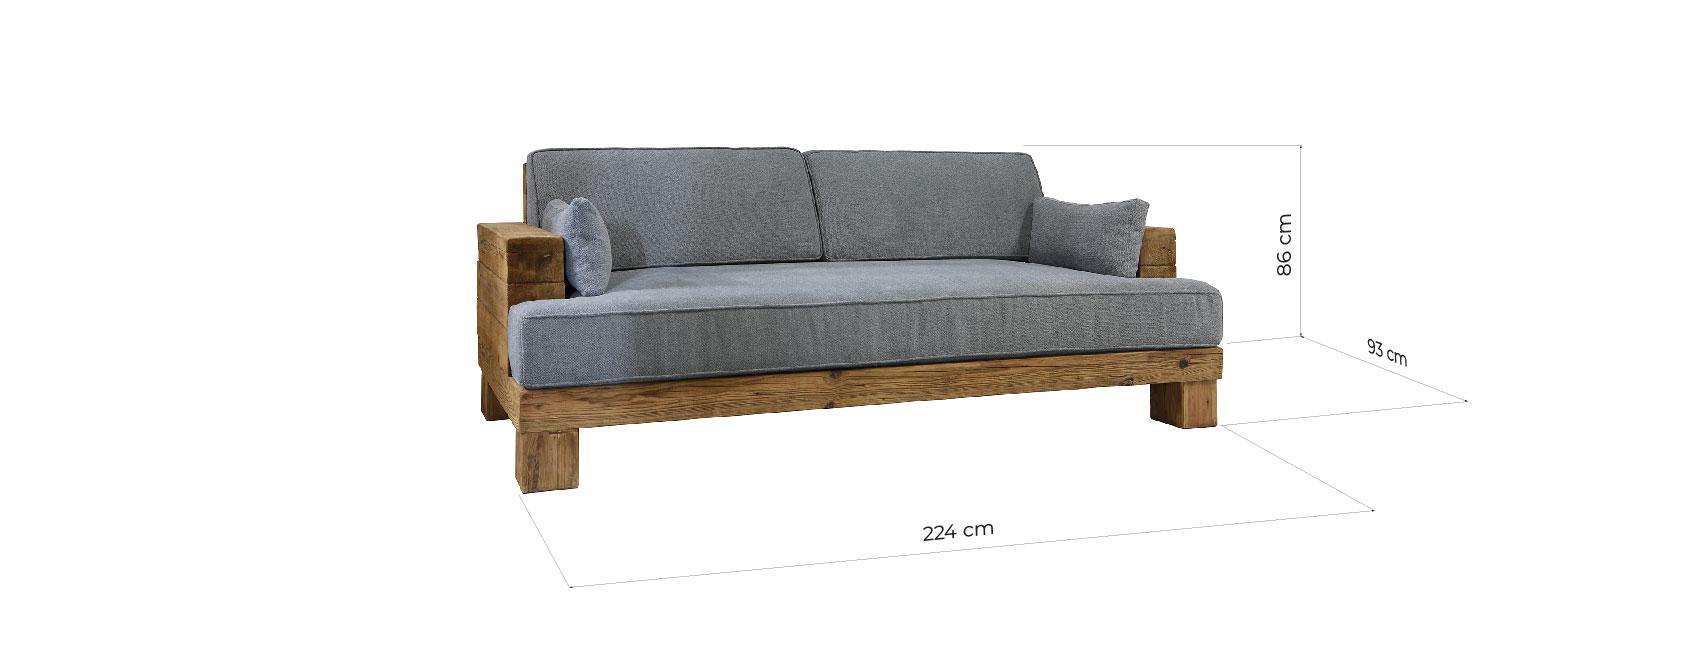 Rustikale 3er Sitz Sofa Pacific, Holz, Leinen - Bemondi.de